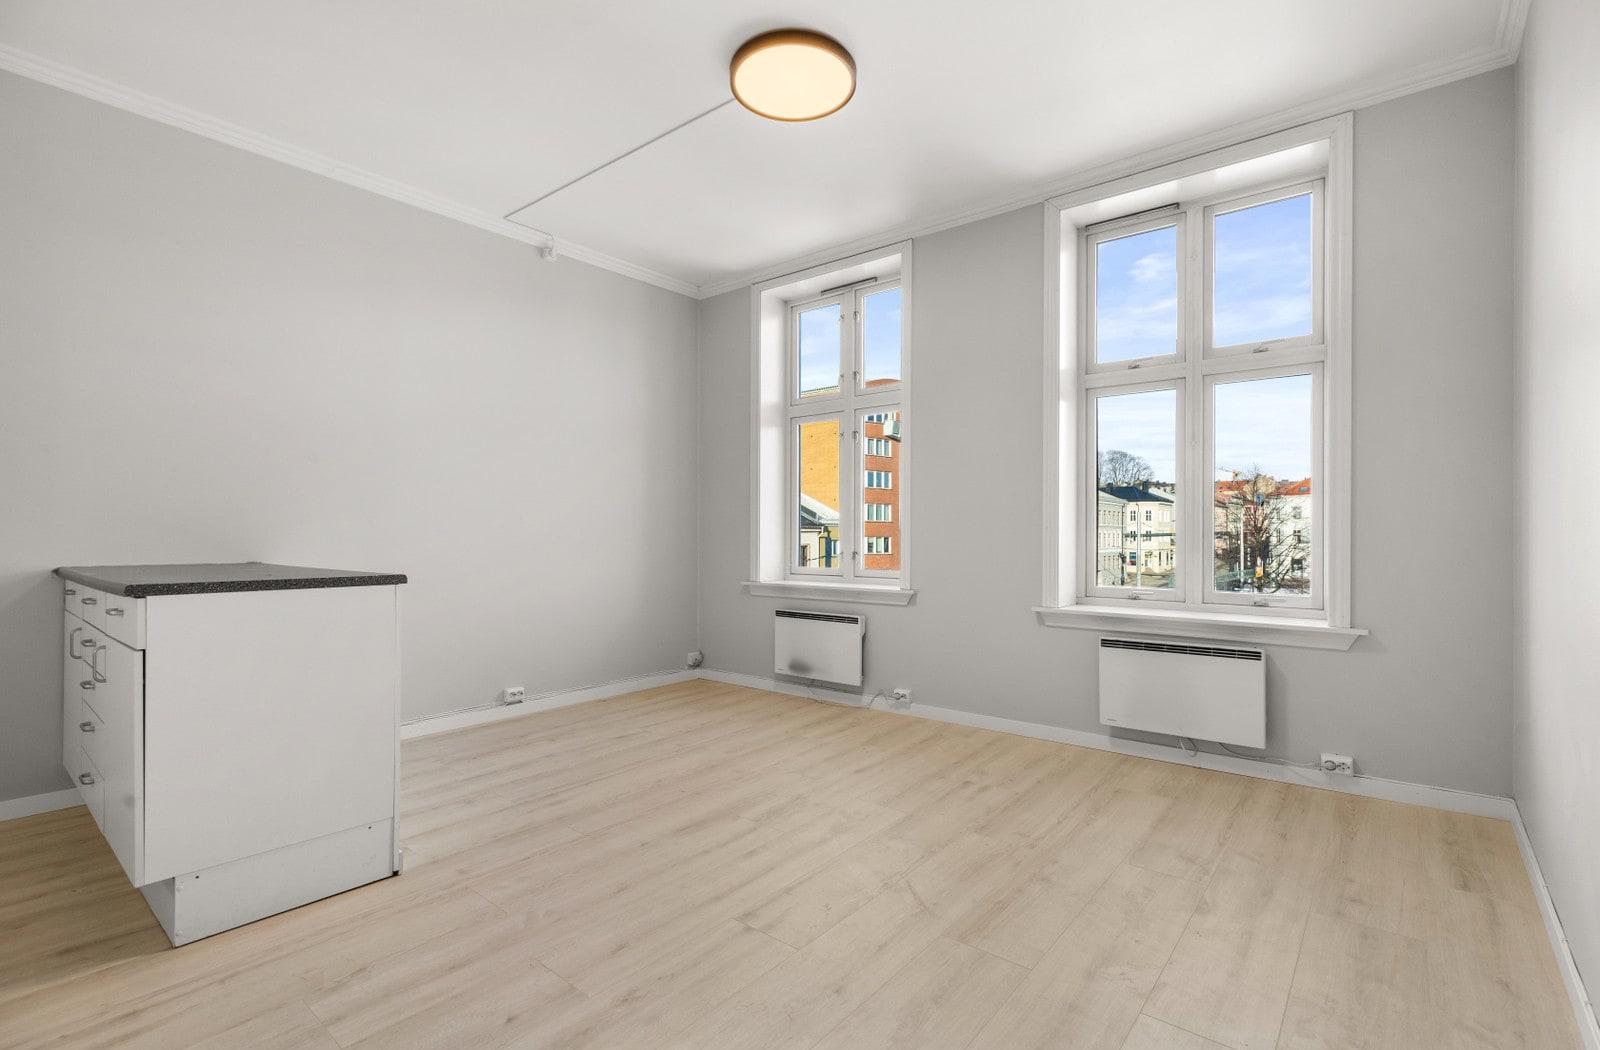 Kjøkken/stue (bilder av tilsvarende leilighet i 4 etg)